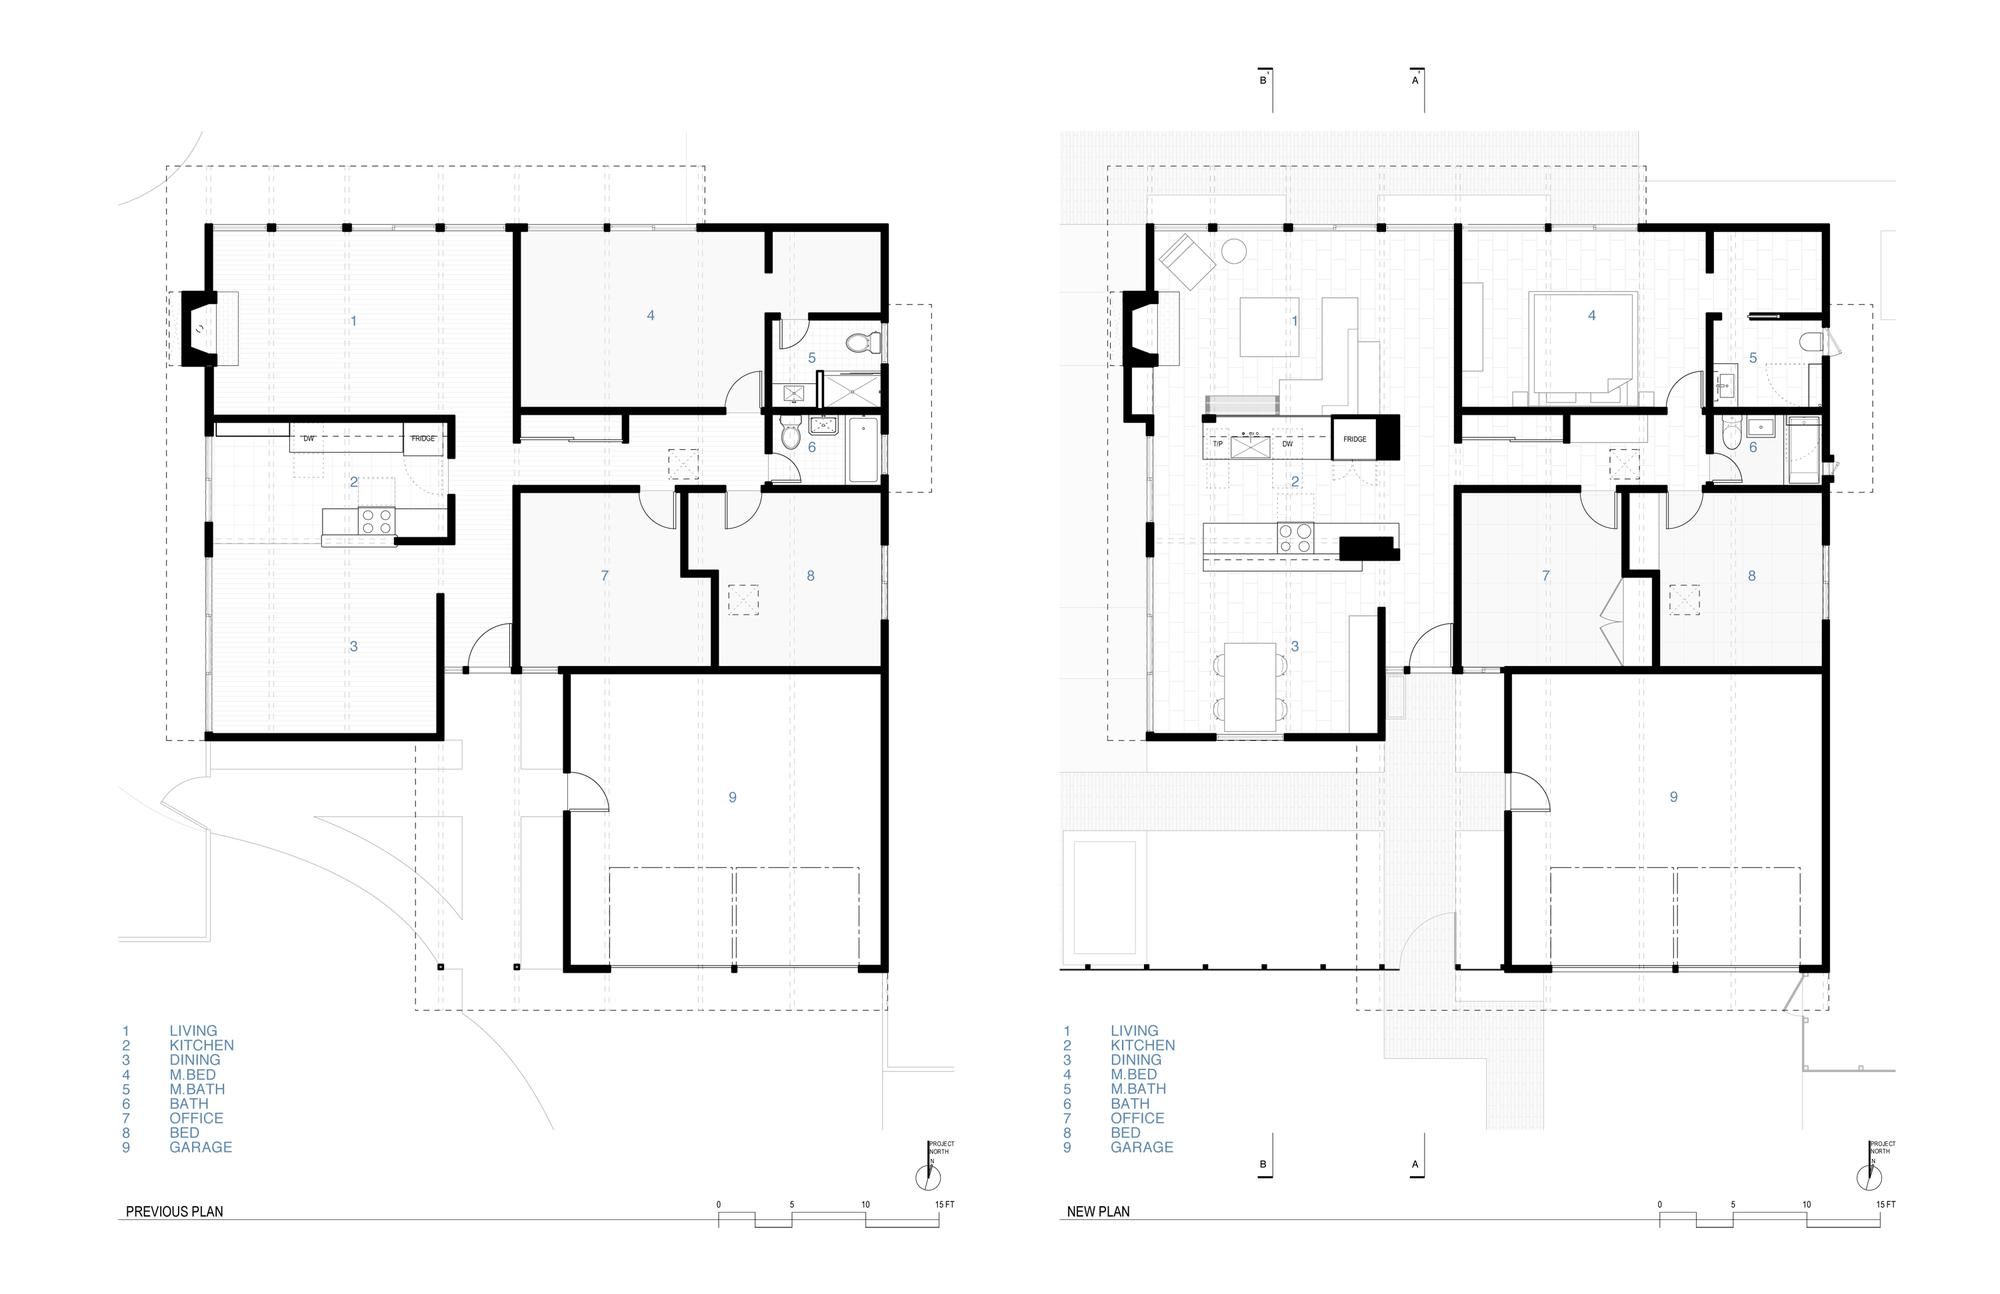 5306c8cec07a806b060000d3_shoup-residence-buildin-lab_shoup_plans